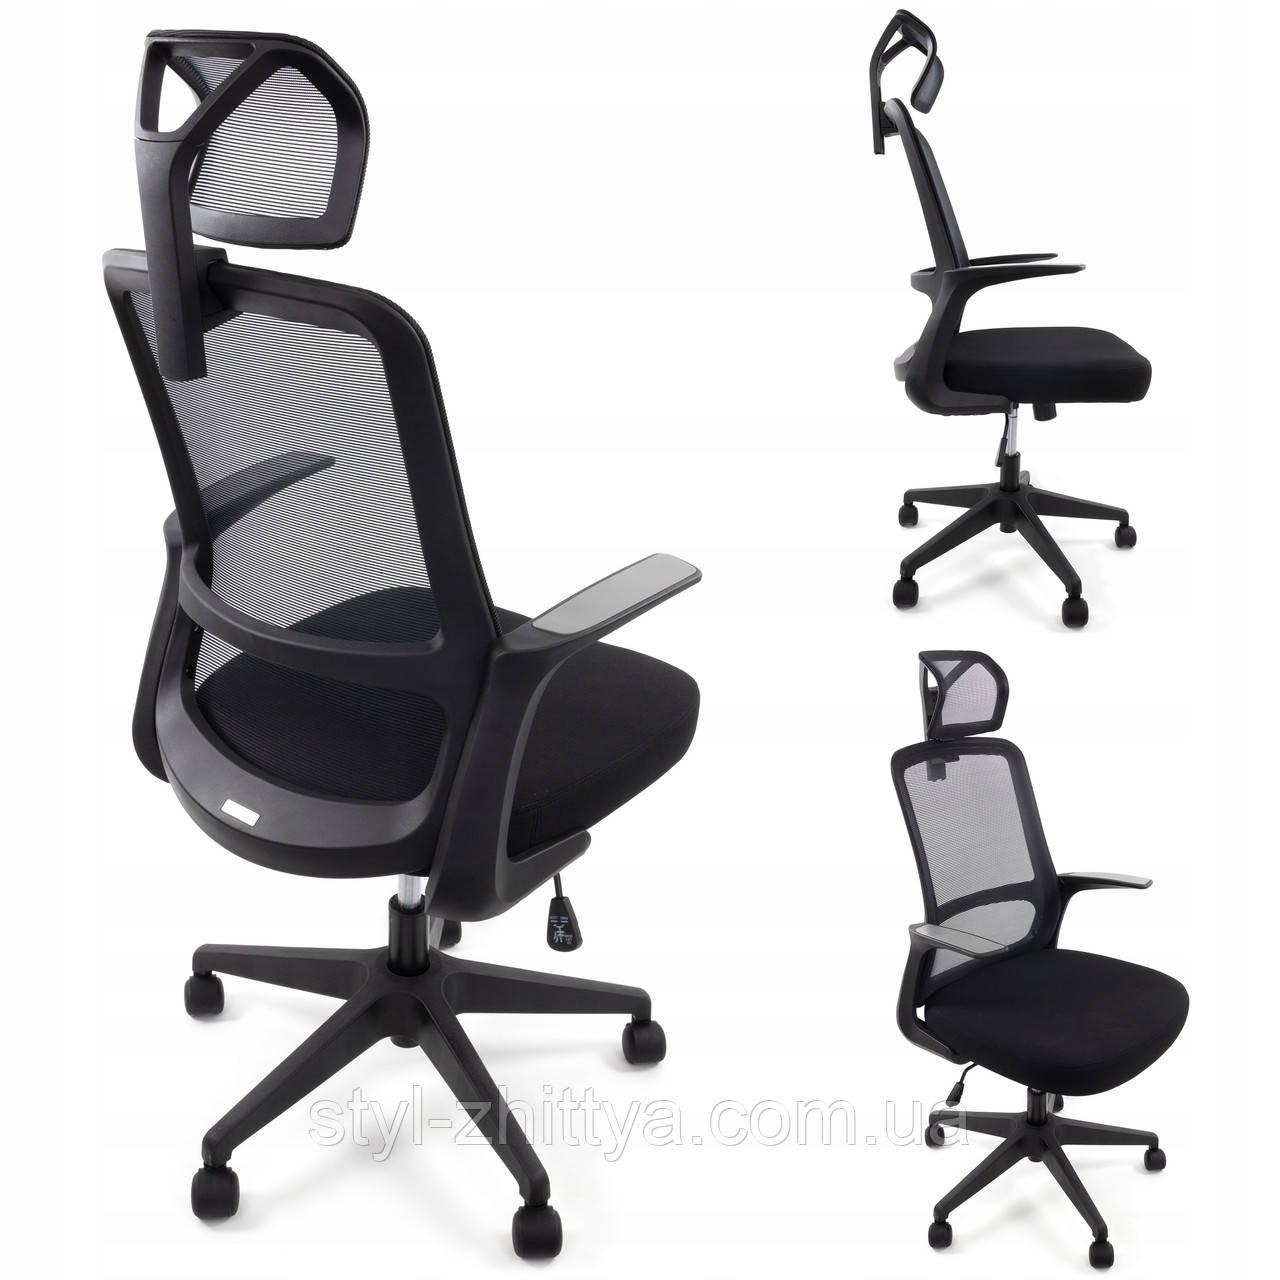 Ергономічне офісне крісло з функцією гойдання: Ergosolid AMO-90